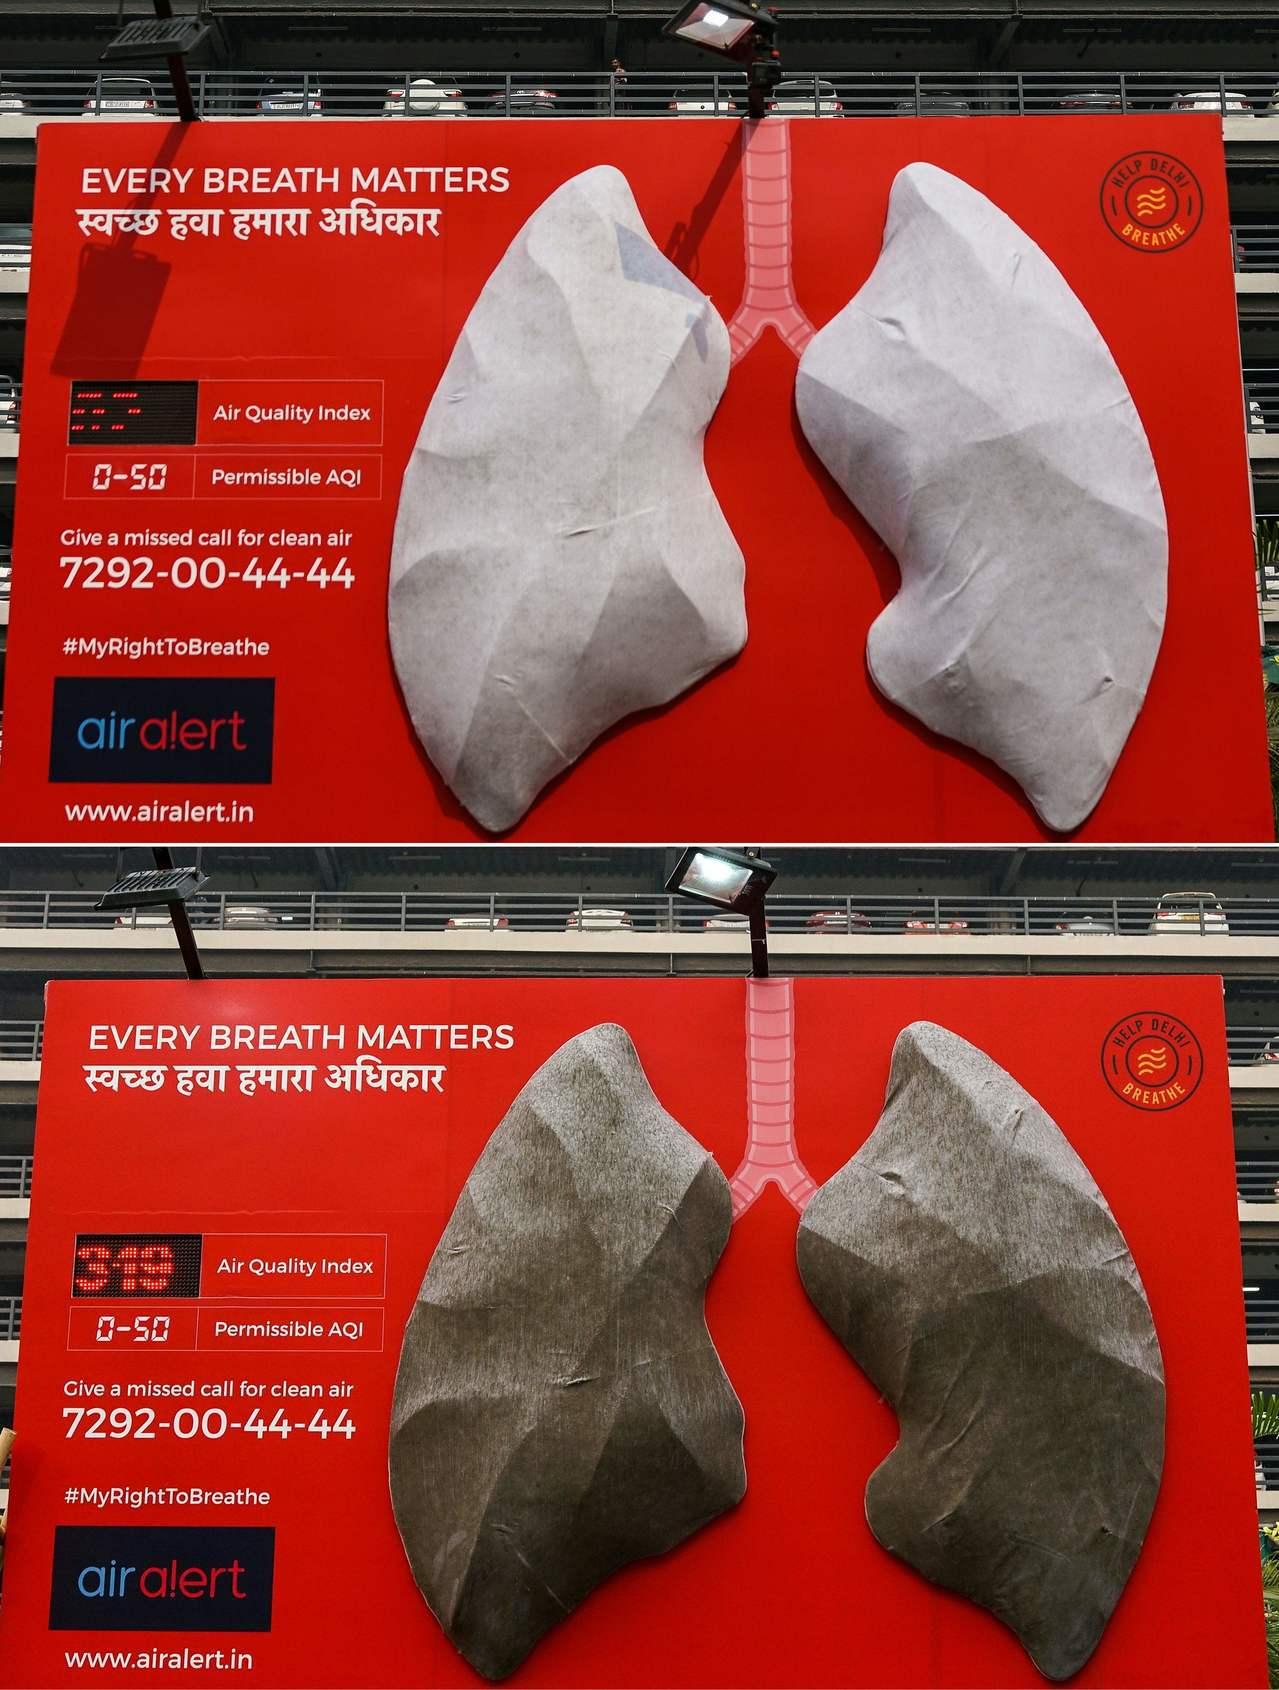 印度新德里一間醫院掛出一對人工肺,不到10天就變成不健康的深褐色,以展示霧霾的致...